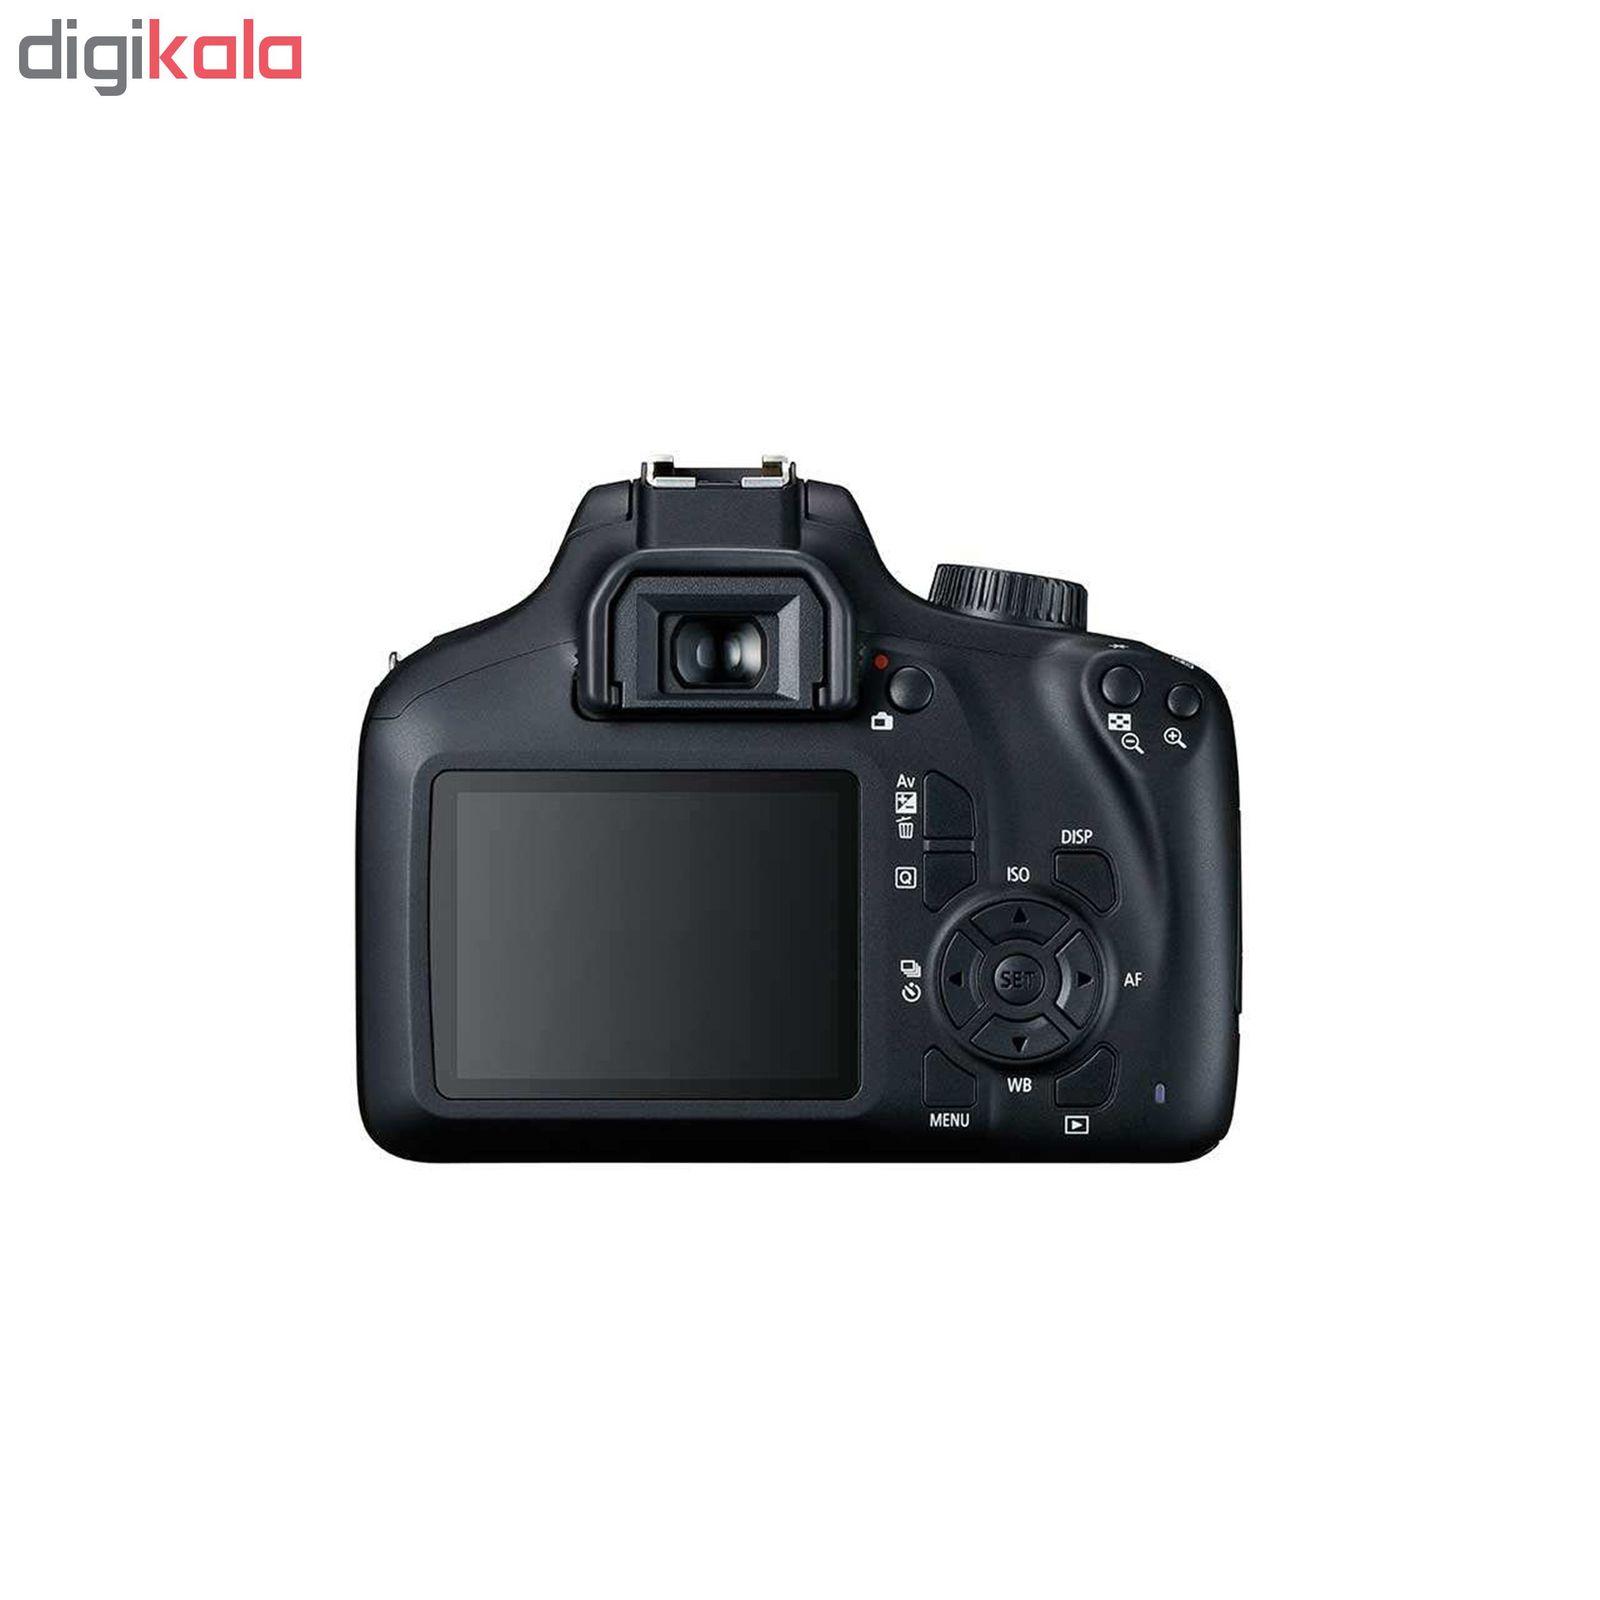 دوربین دیجیتال کانن مدل EOS 4000D به همراه لنز 18-55 میلی متر DC III و لوازم جانبی main 1 3